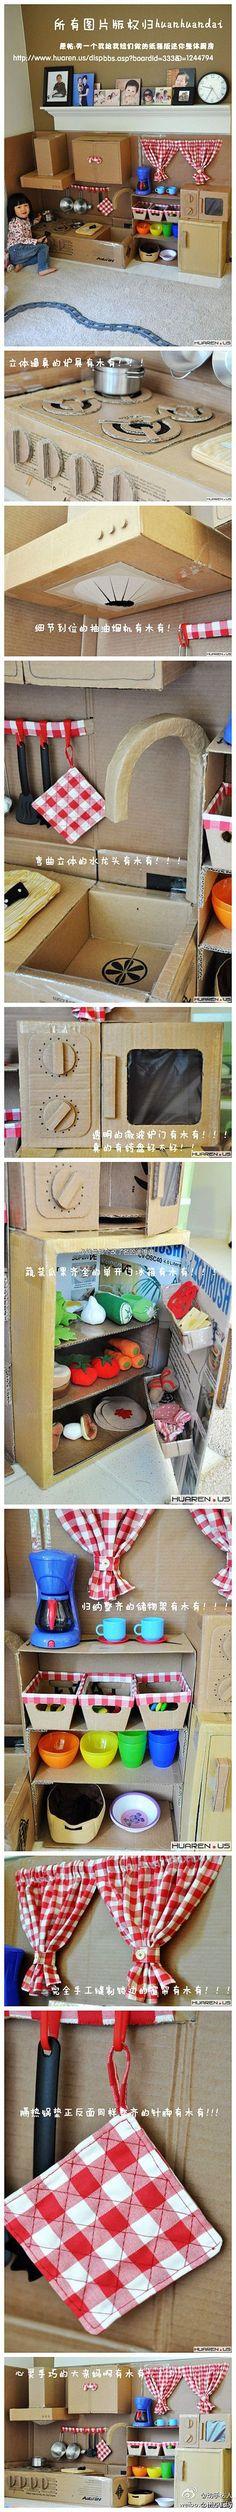 Recicla papel y cartón para decorar en casa (II) | Aprender manualidades es facilisimo.com